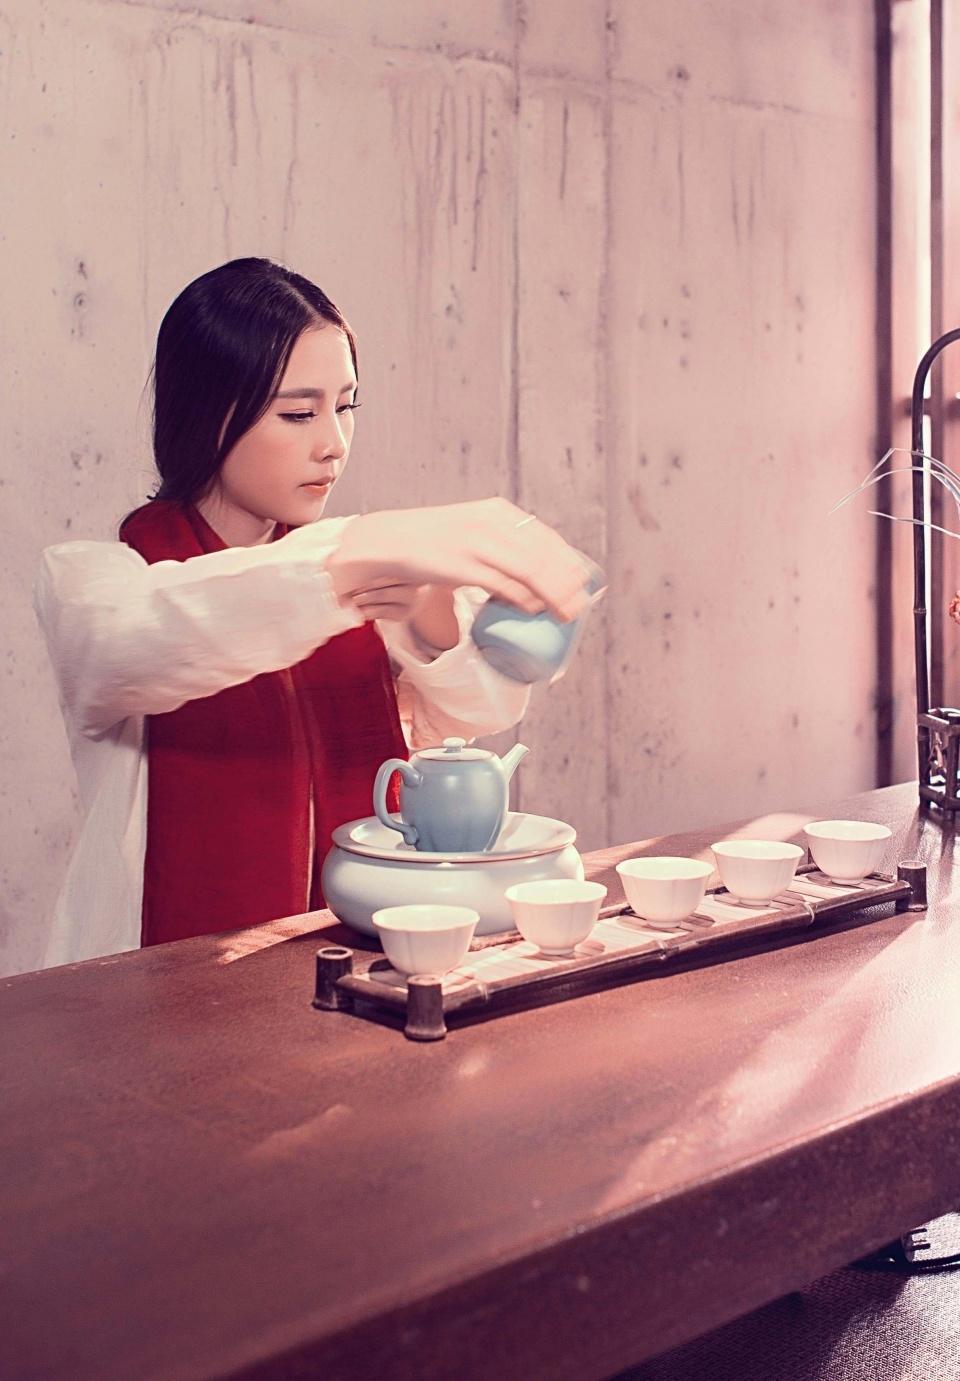 教你鉴别:什么才是真正的好红茶